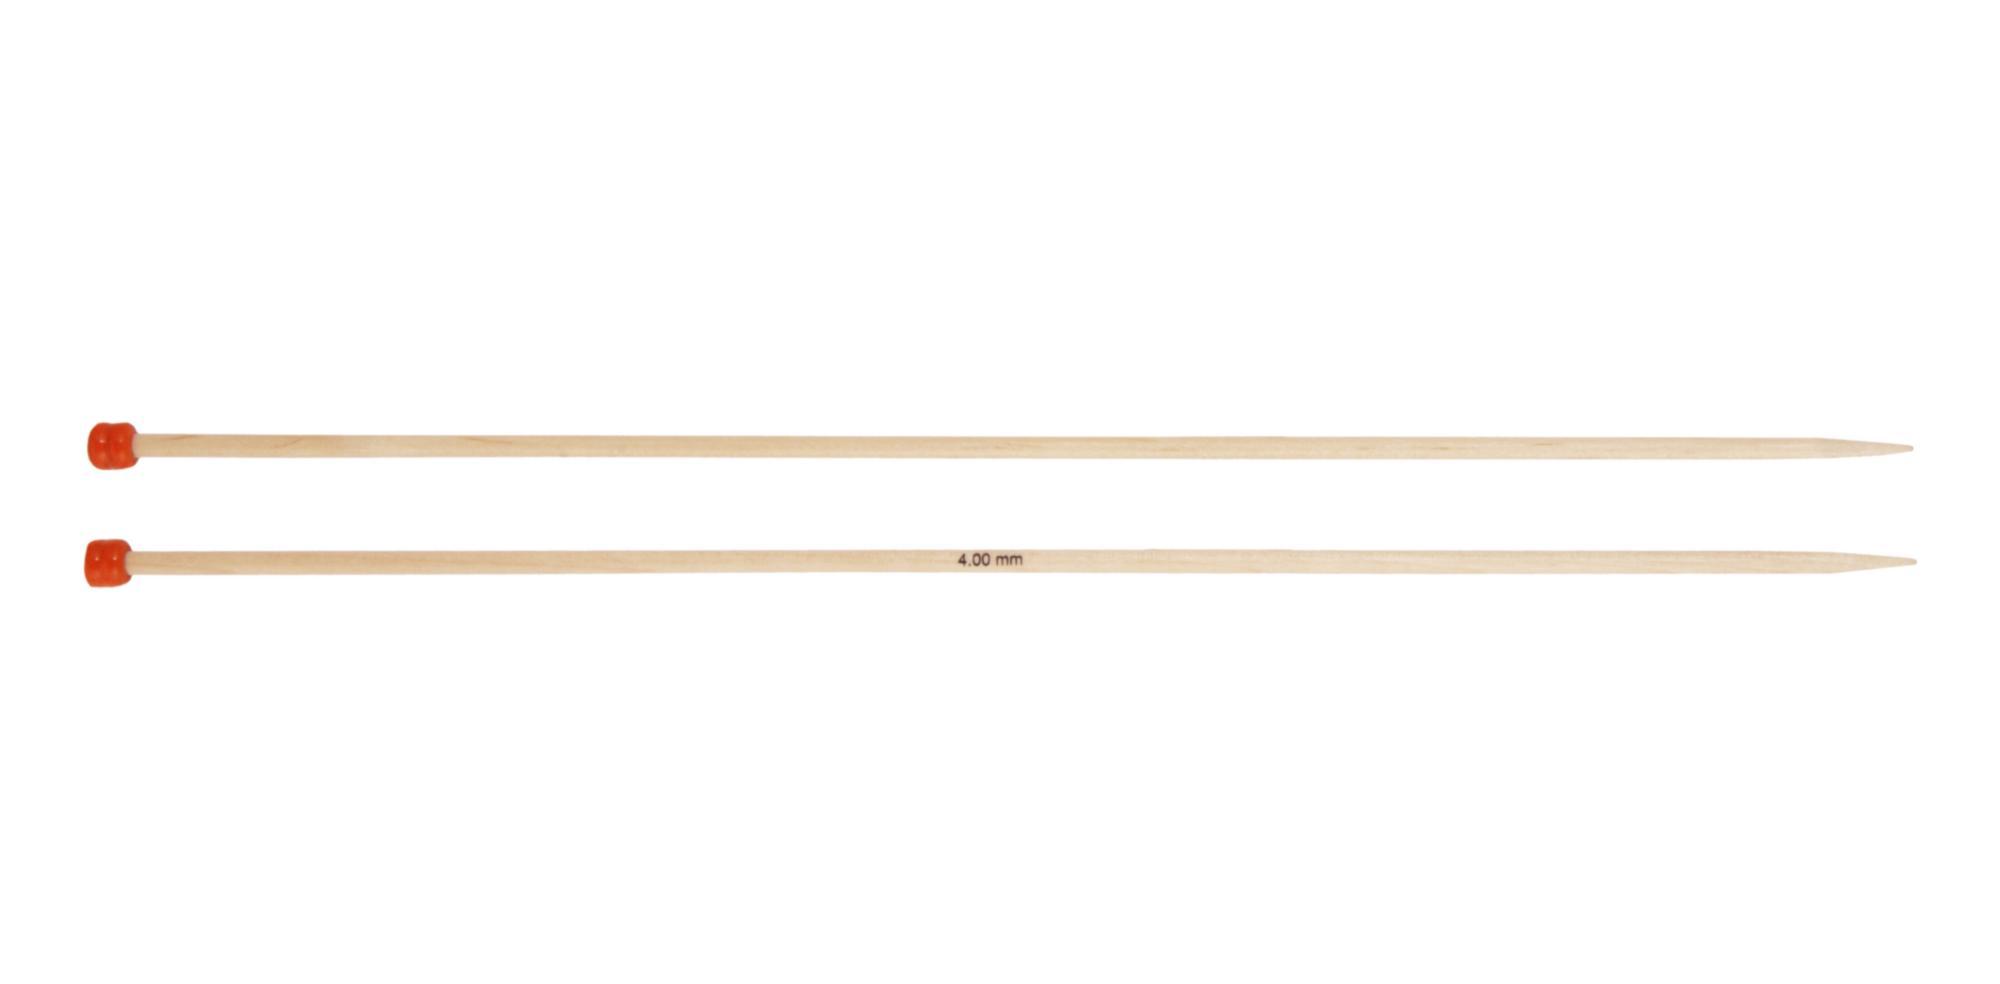 Спицы прямые 25 см Basix Birch Wood KnitPro, 35426, 5.00 мм